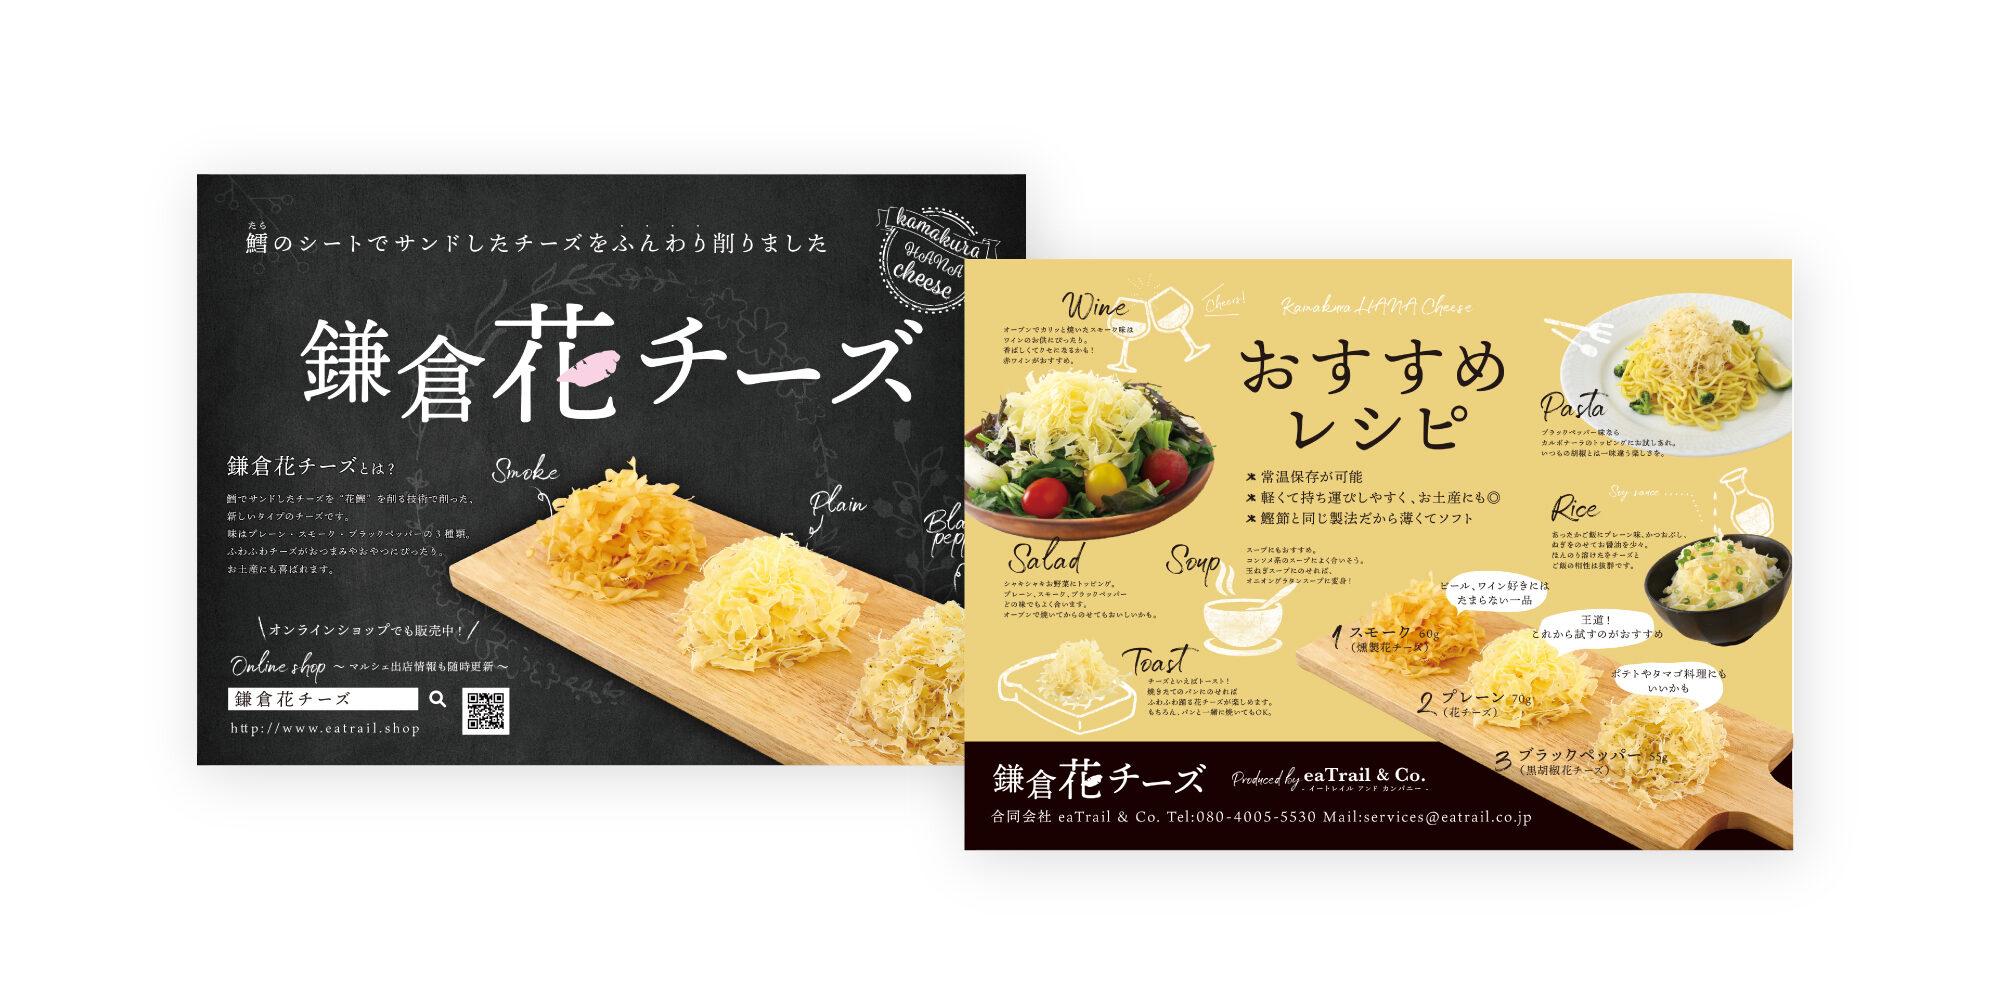 食に特化したマーケティング・サービスの提供を行う eaTrail & Co.様 パッケージデザイン/チラシ制作